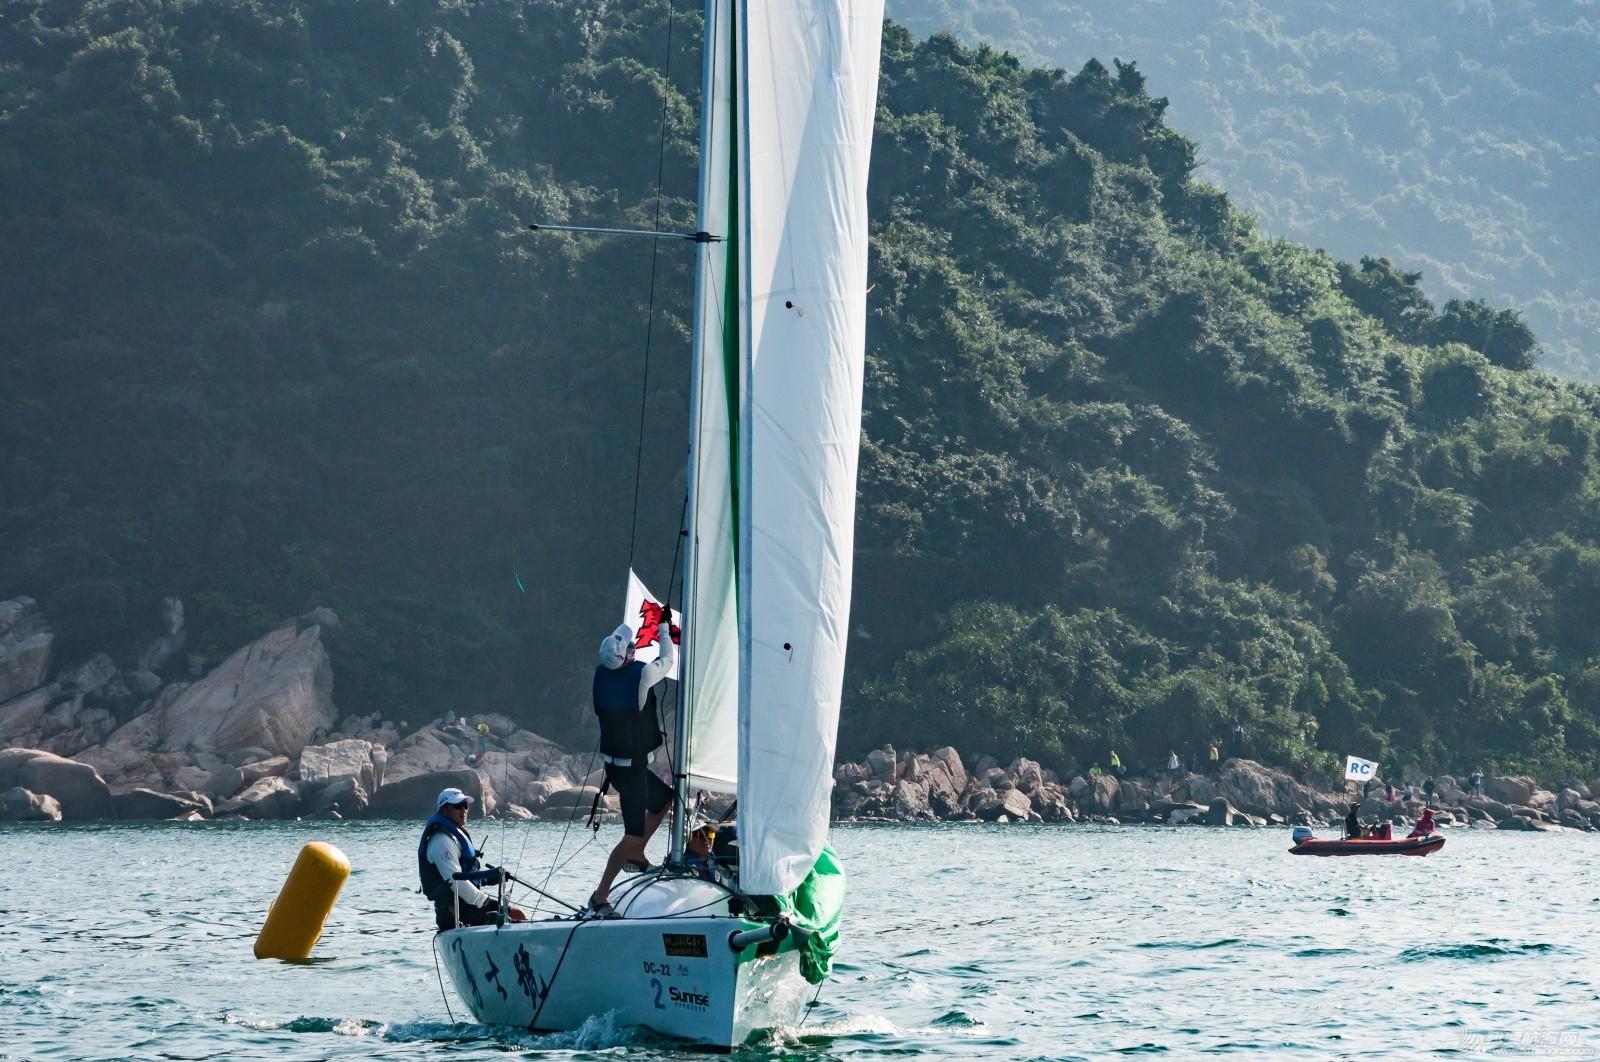 【2015大鹏杯帆船赛】22号下午第一辑(54图) s022.jpg